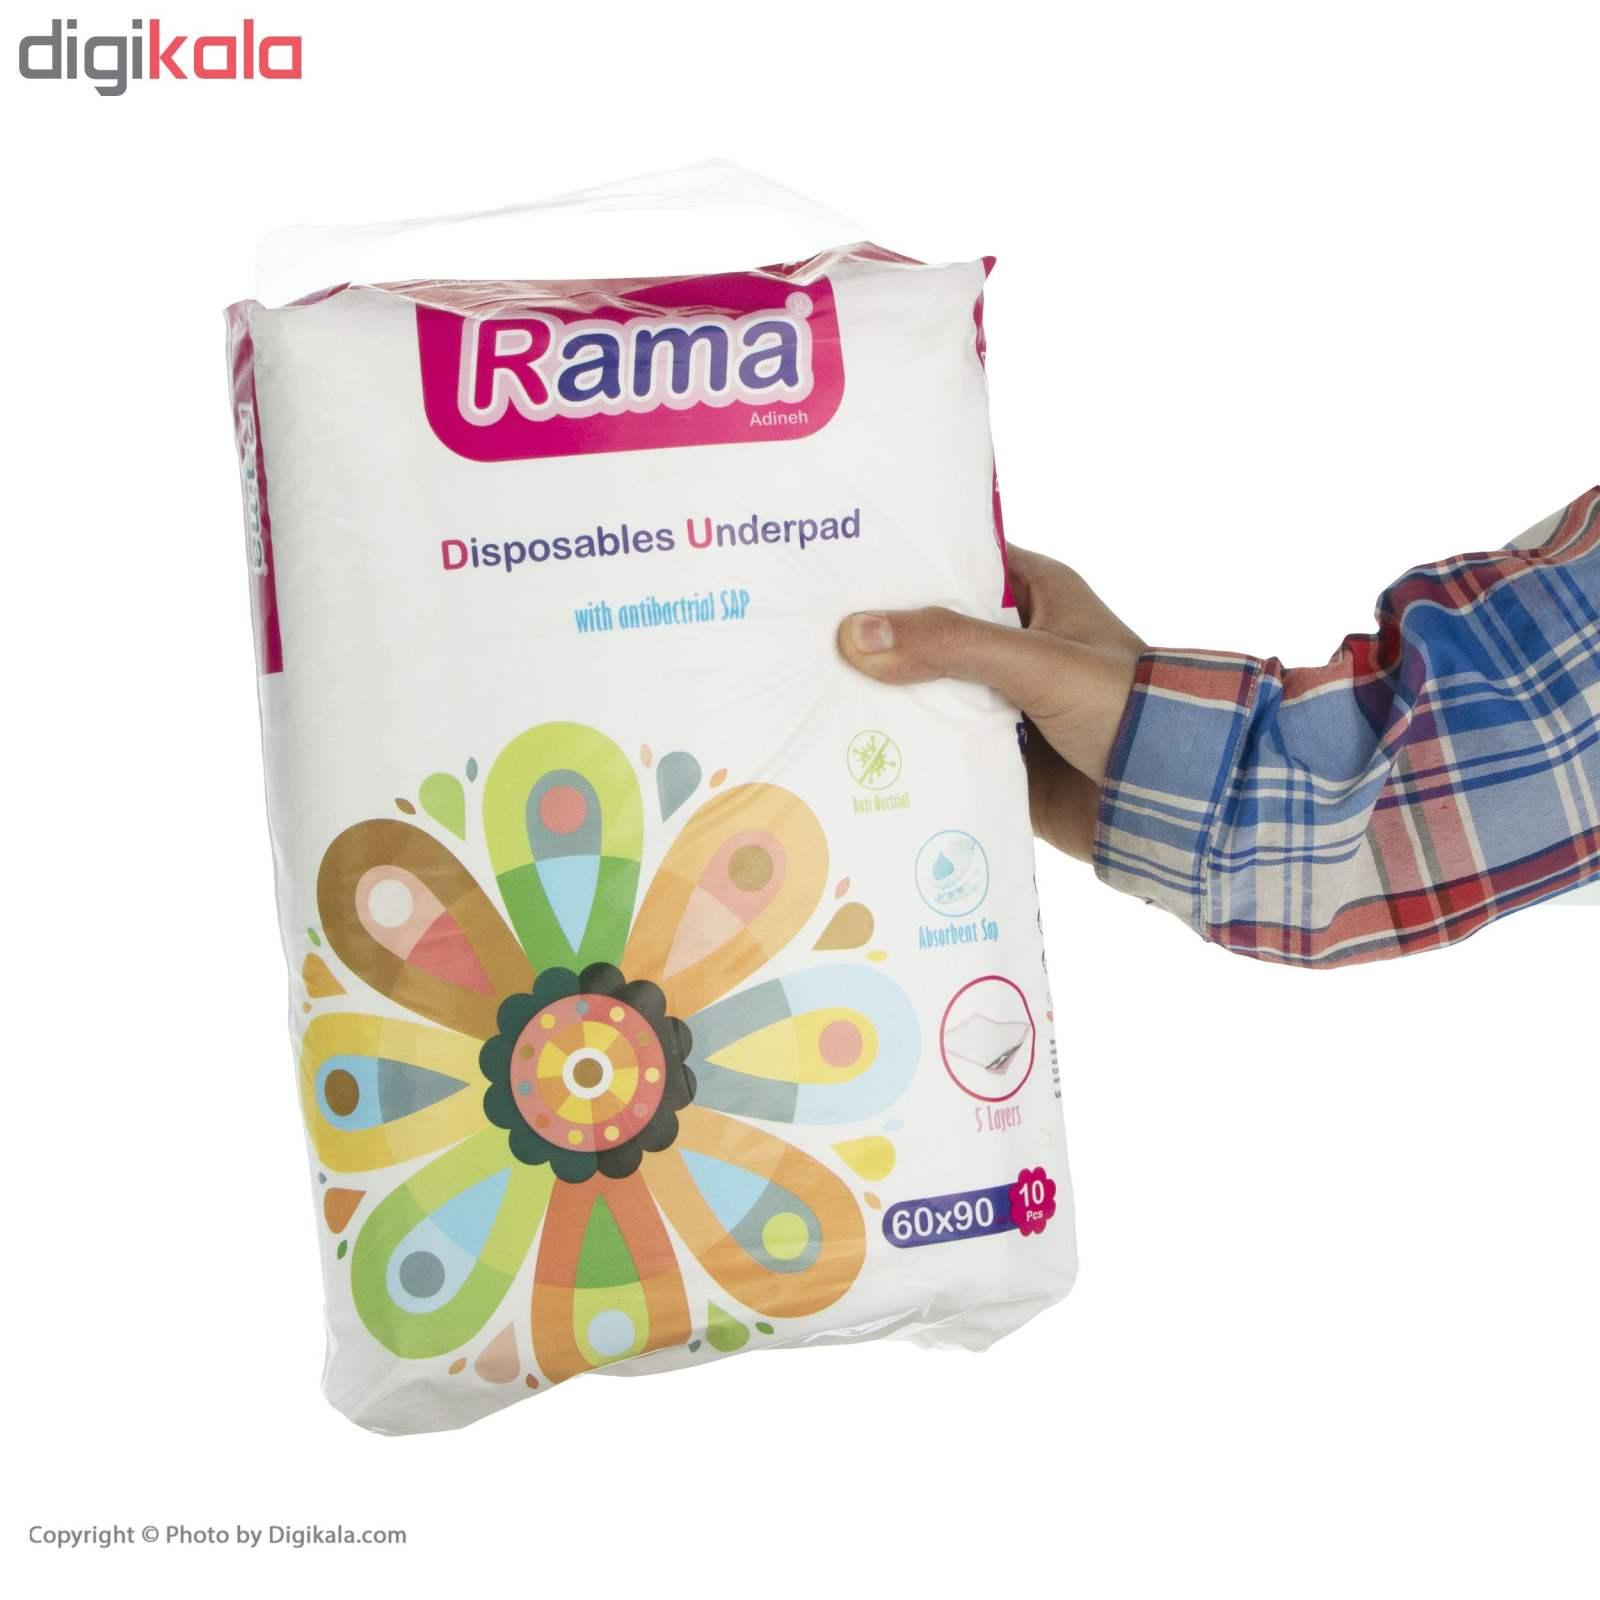 پد زیر انداز بیمار راما مدل antibactrial بسته 10 عددی main 1 3